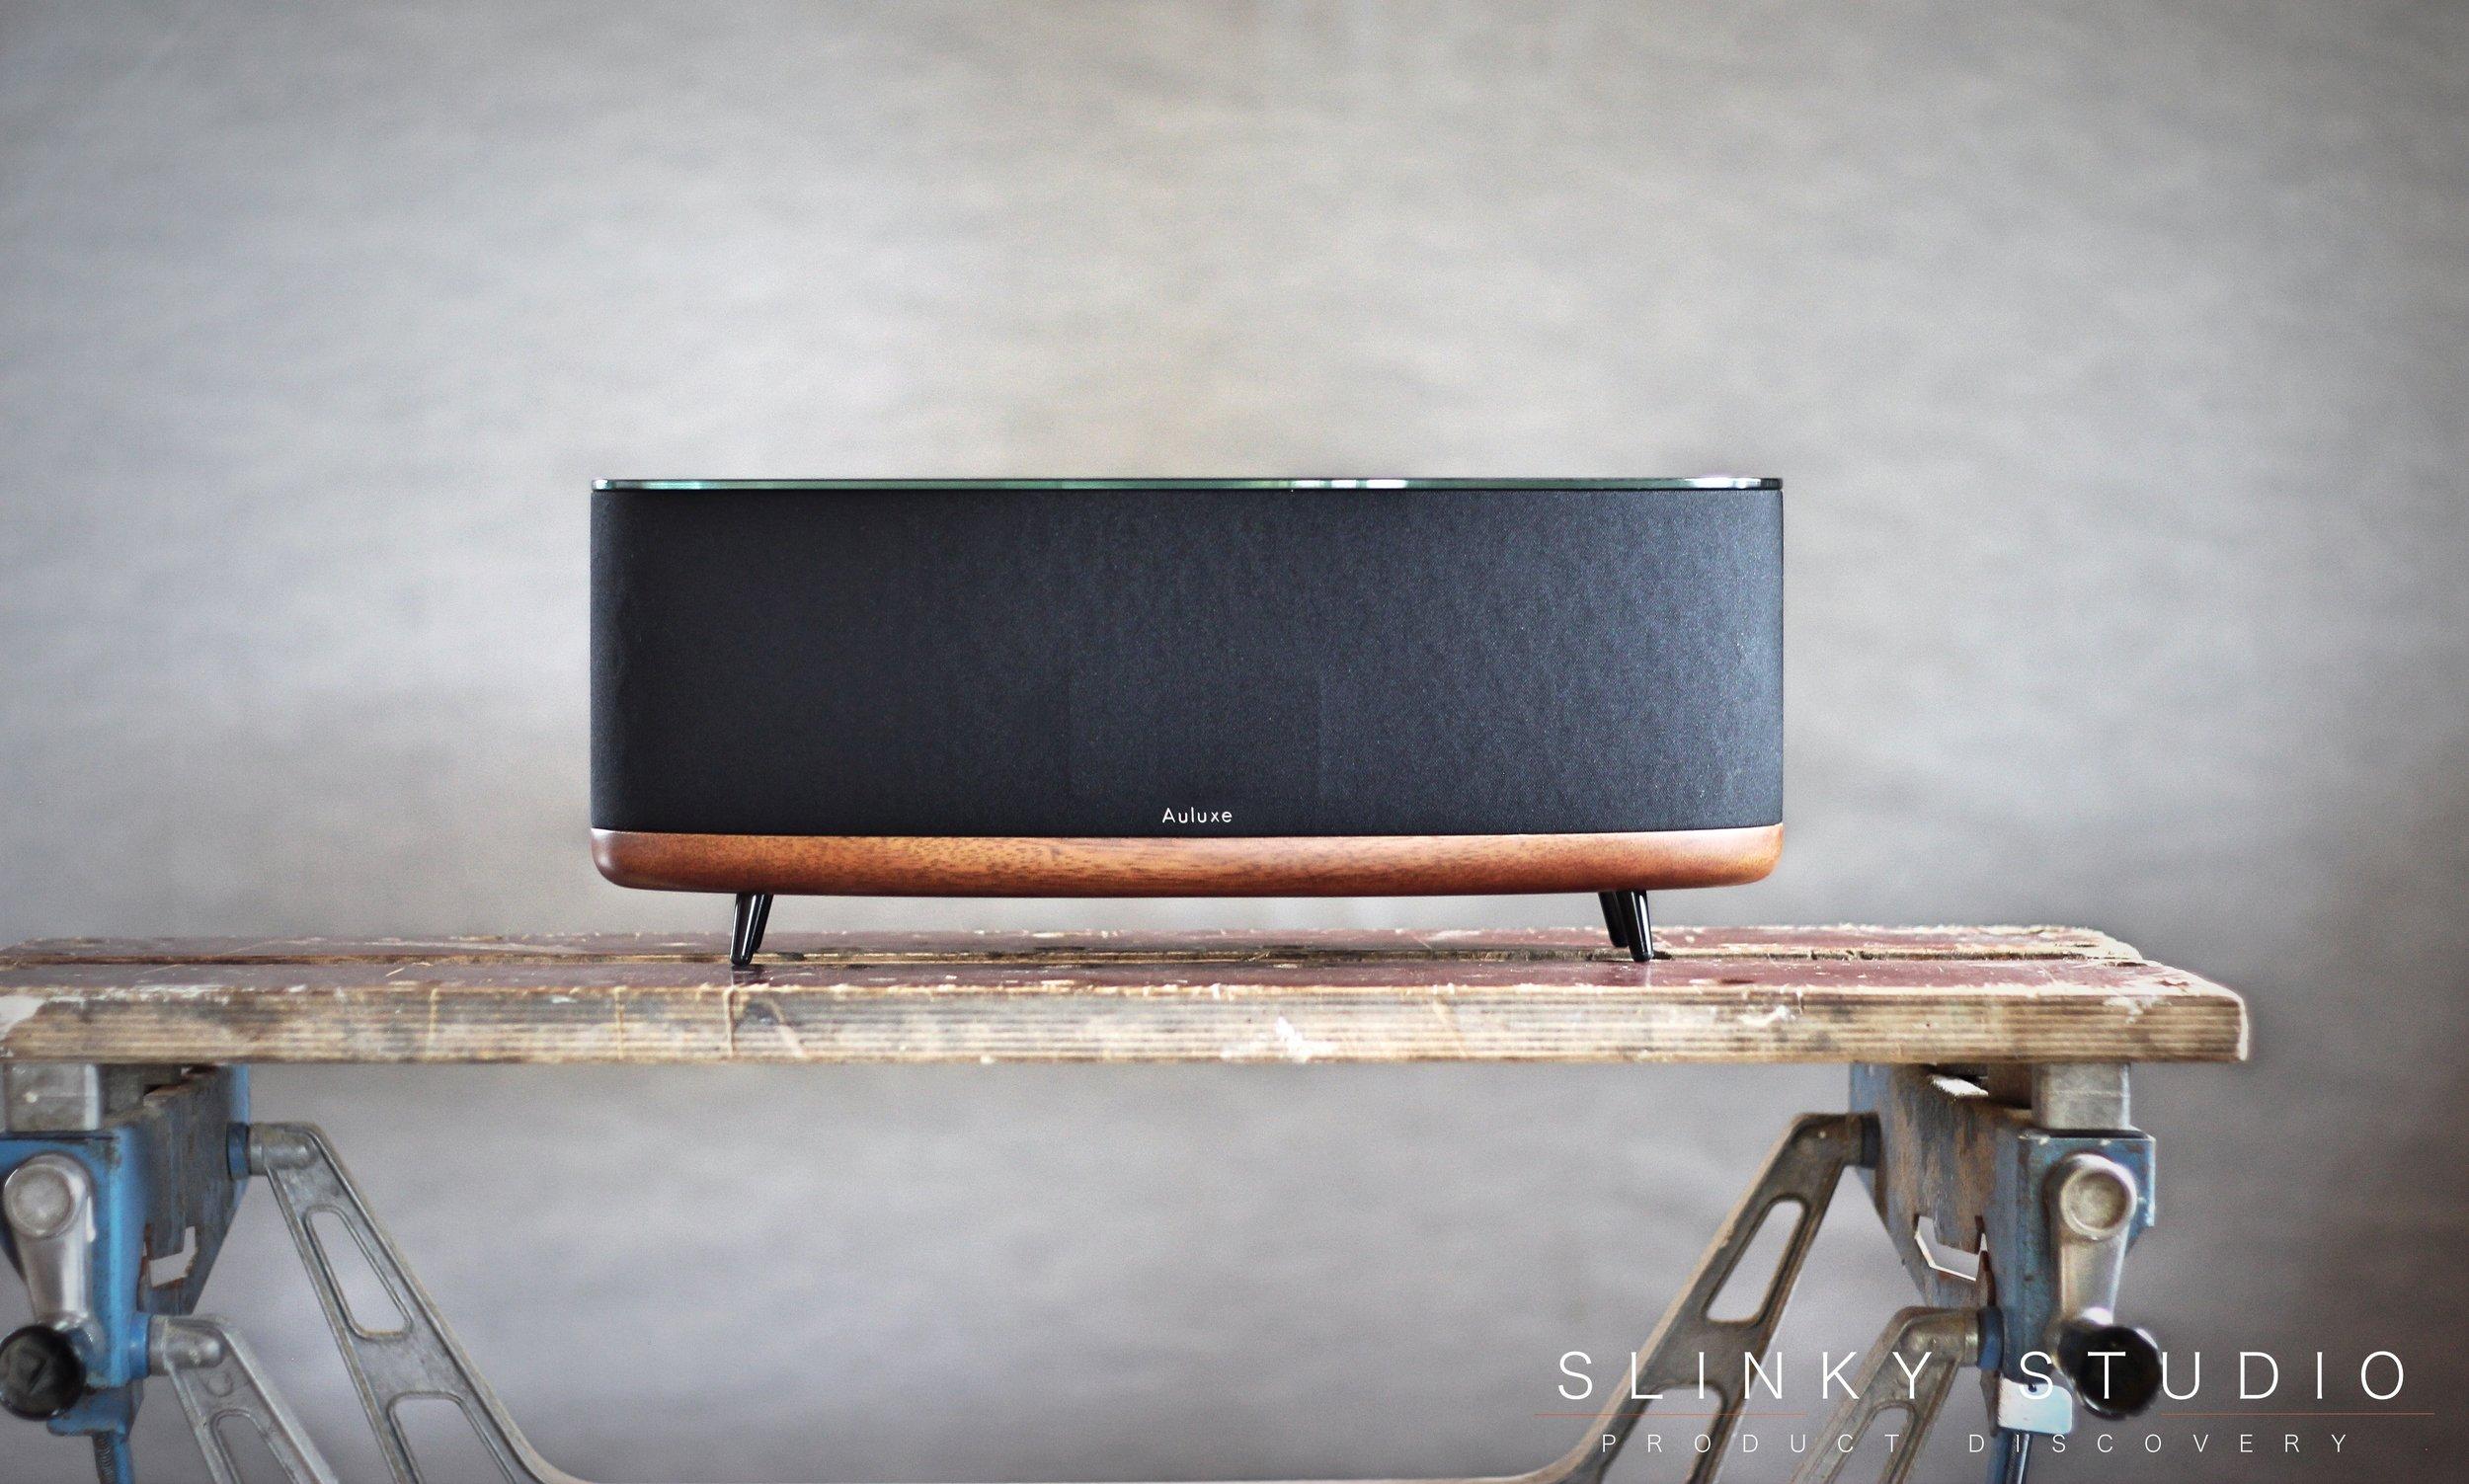 Auluxe E3 Speaker on workbench.jpg